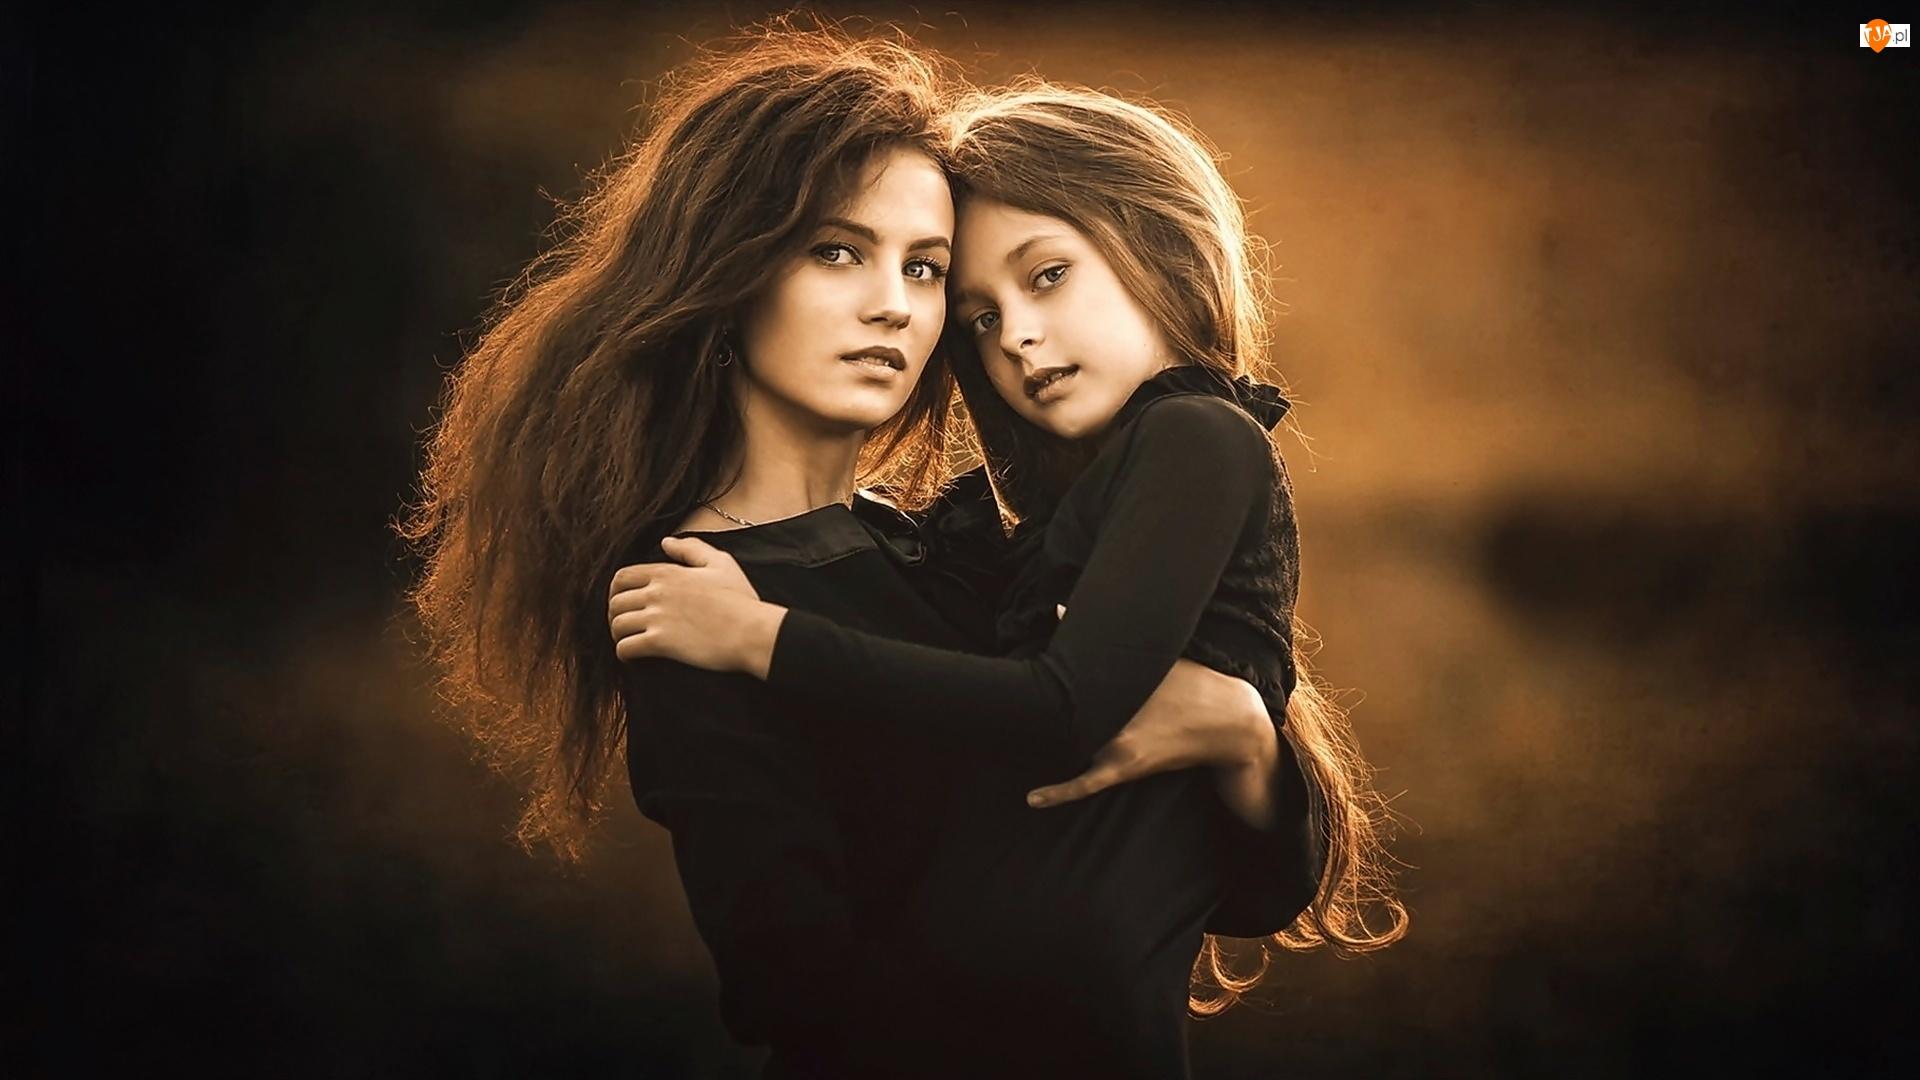 Matka, Kobieta, Córka, Dziewczynka